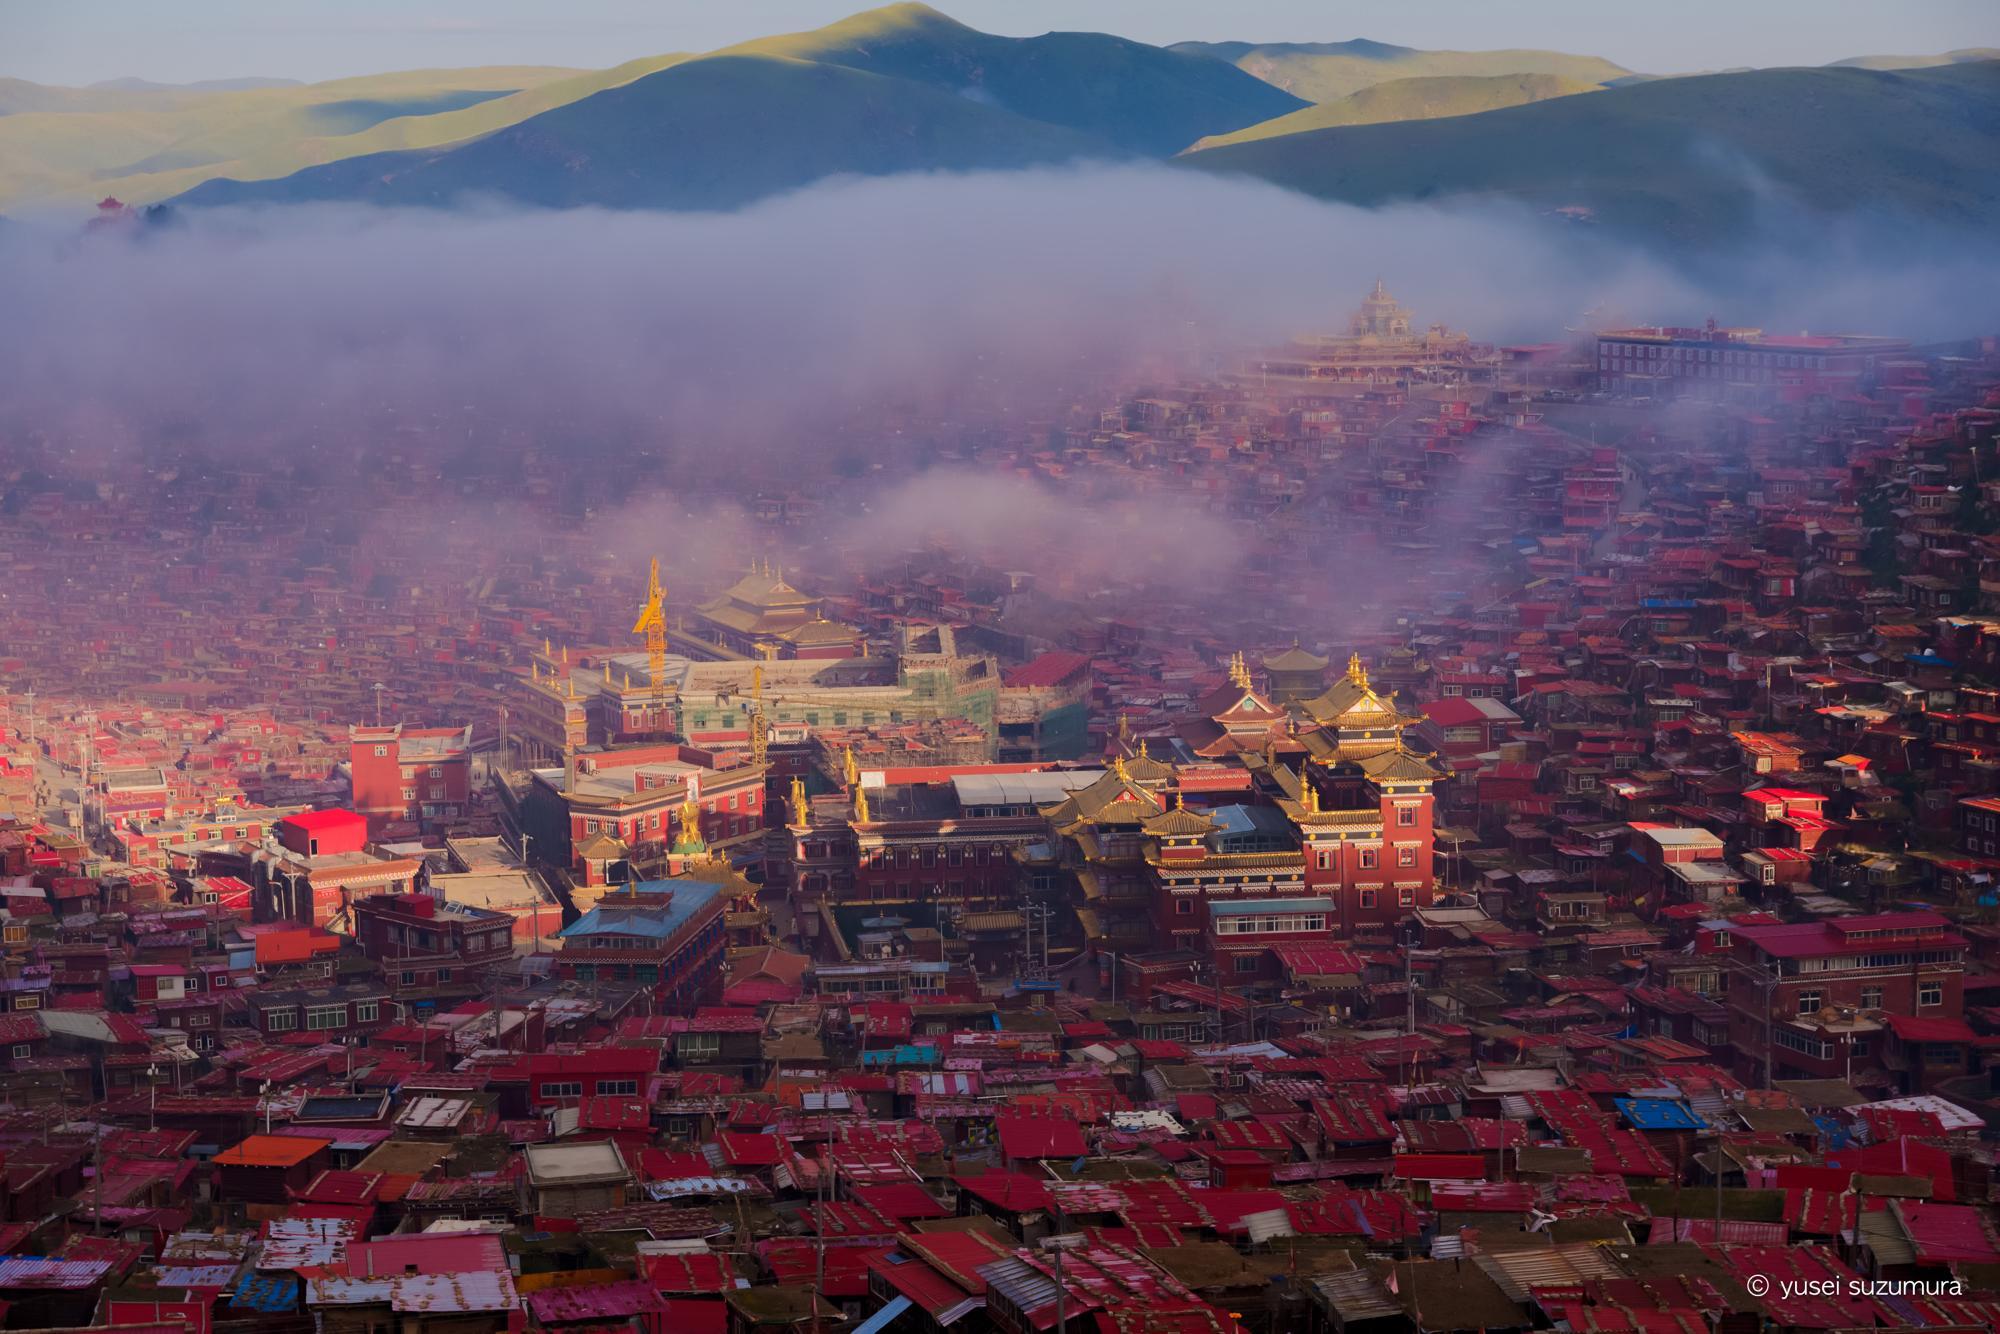 僕が再び東チベットを目指す理由